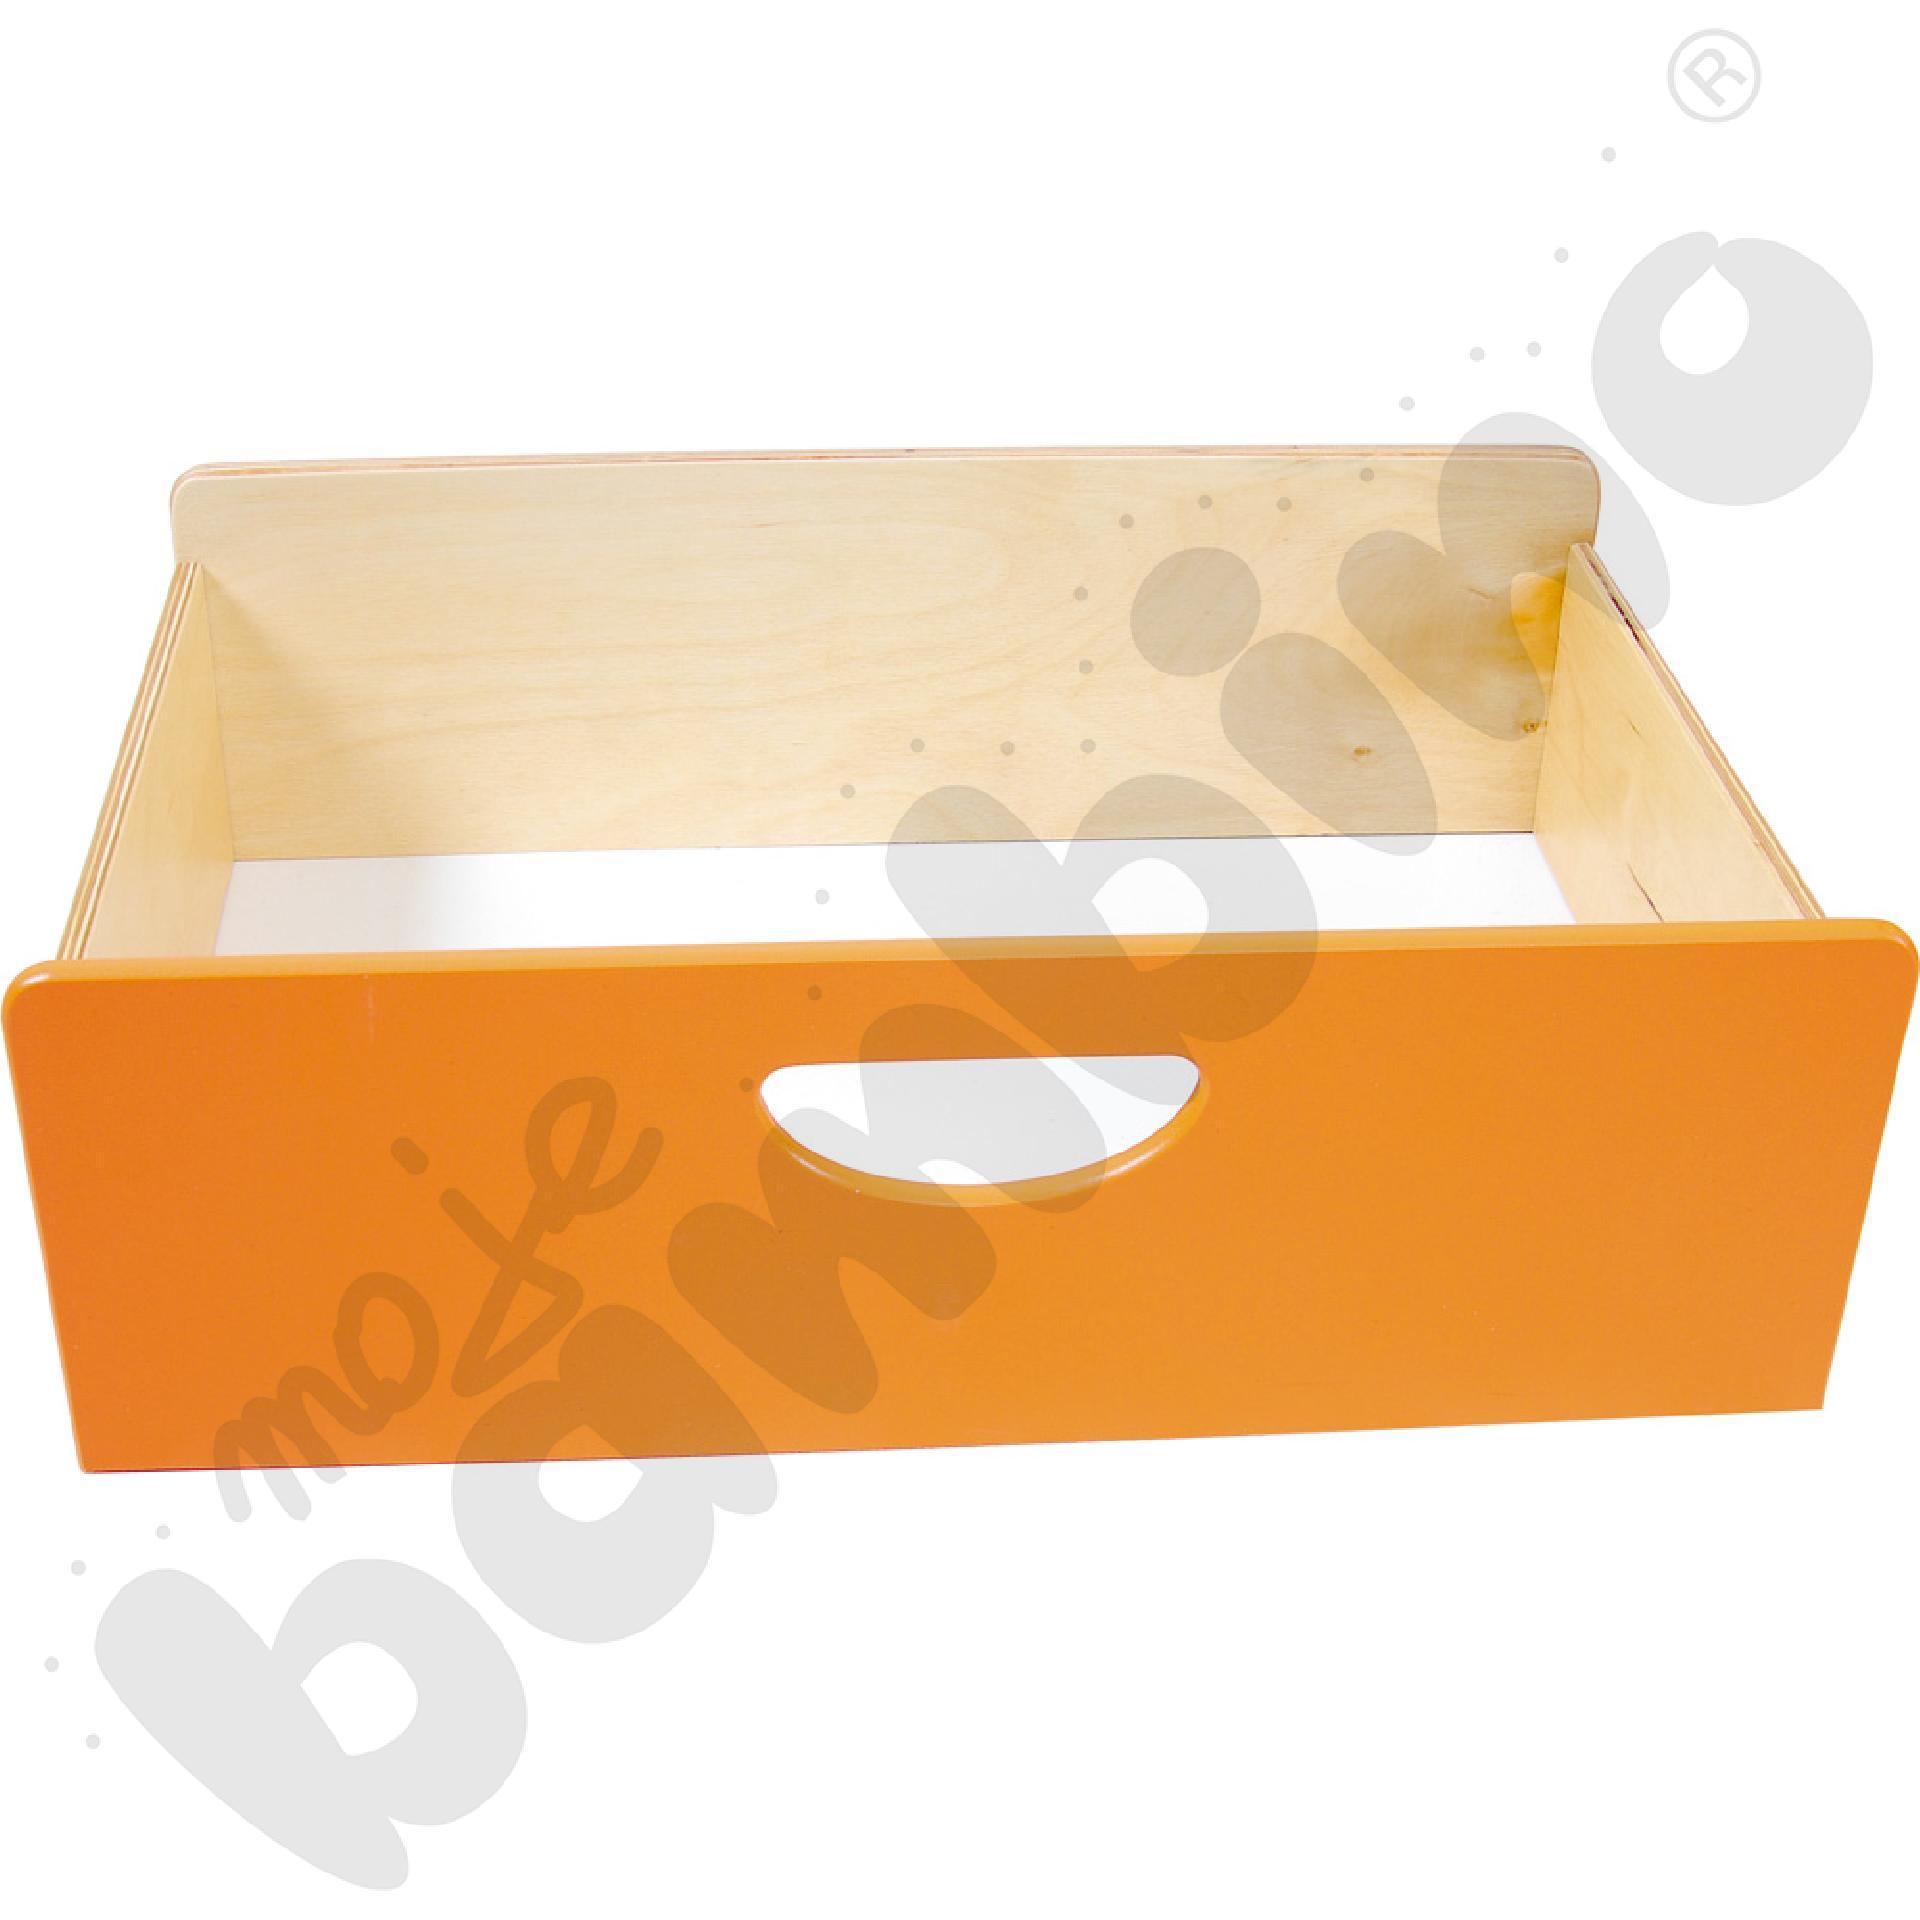 Pojemnik drewniany BIS - pomarańczowy